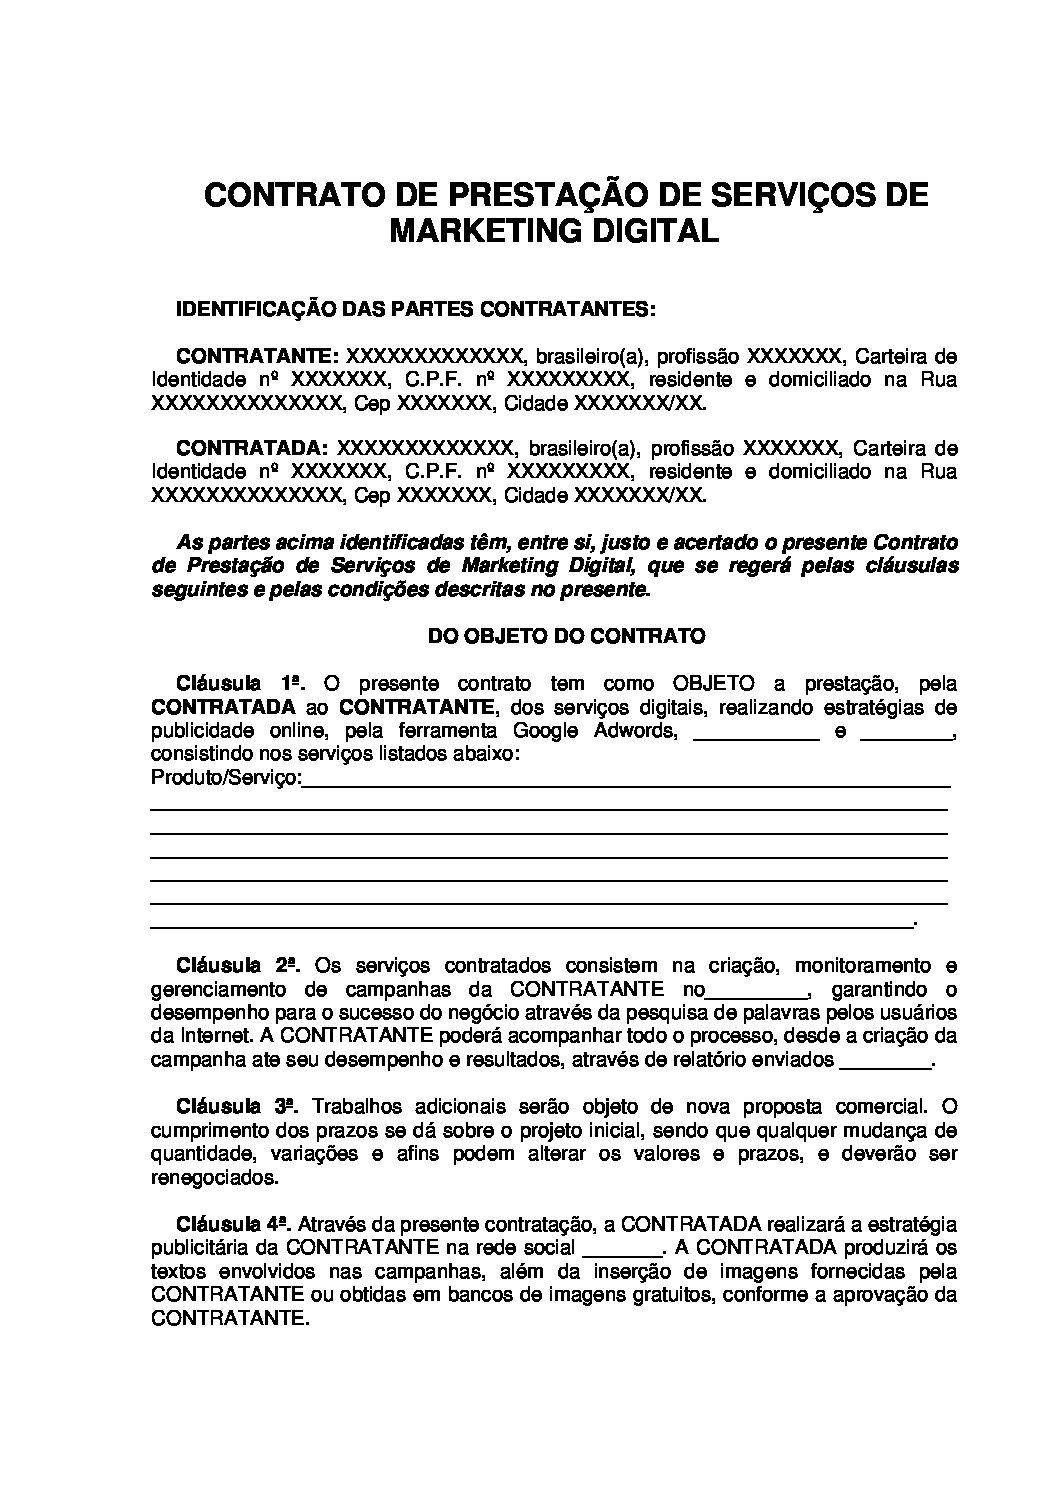 Contrato de Prestação de Serviço de Marketing Digital